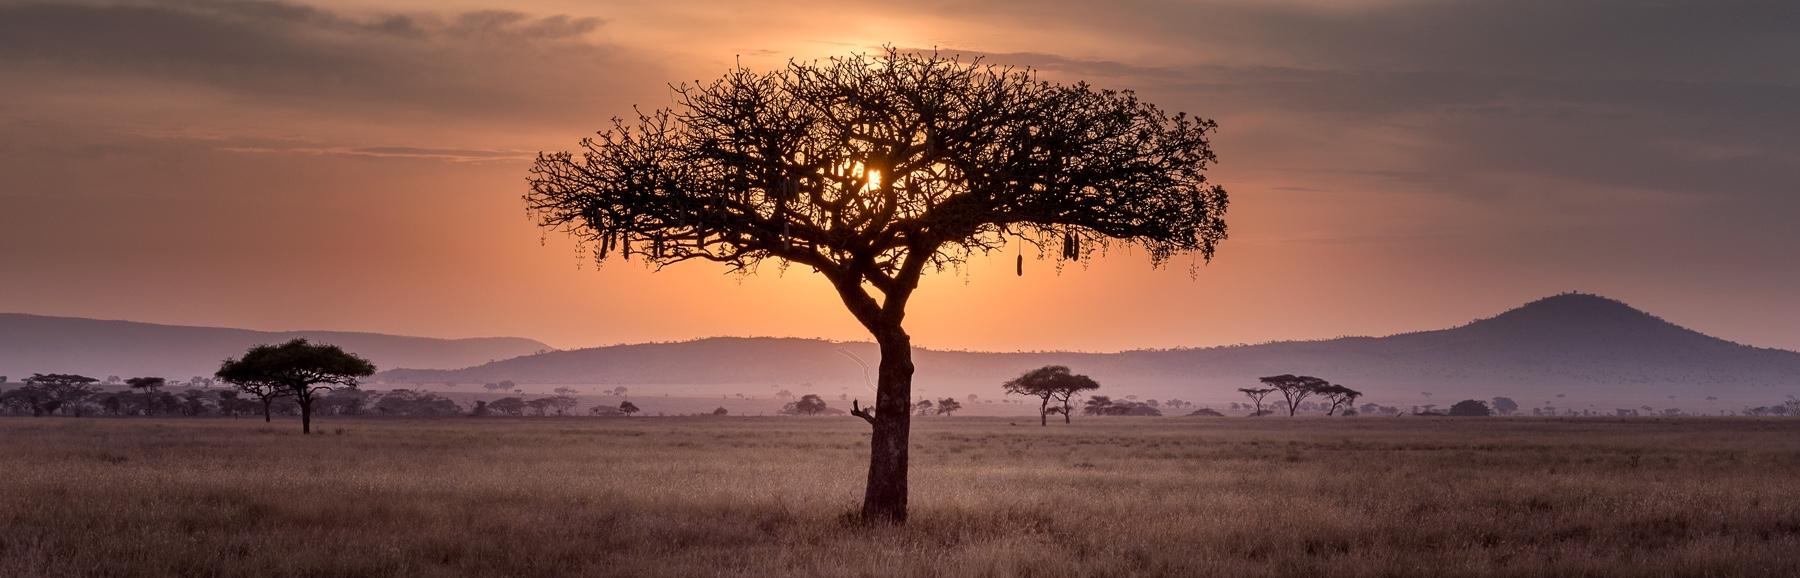 Video: African Awakening